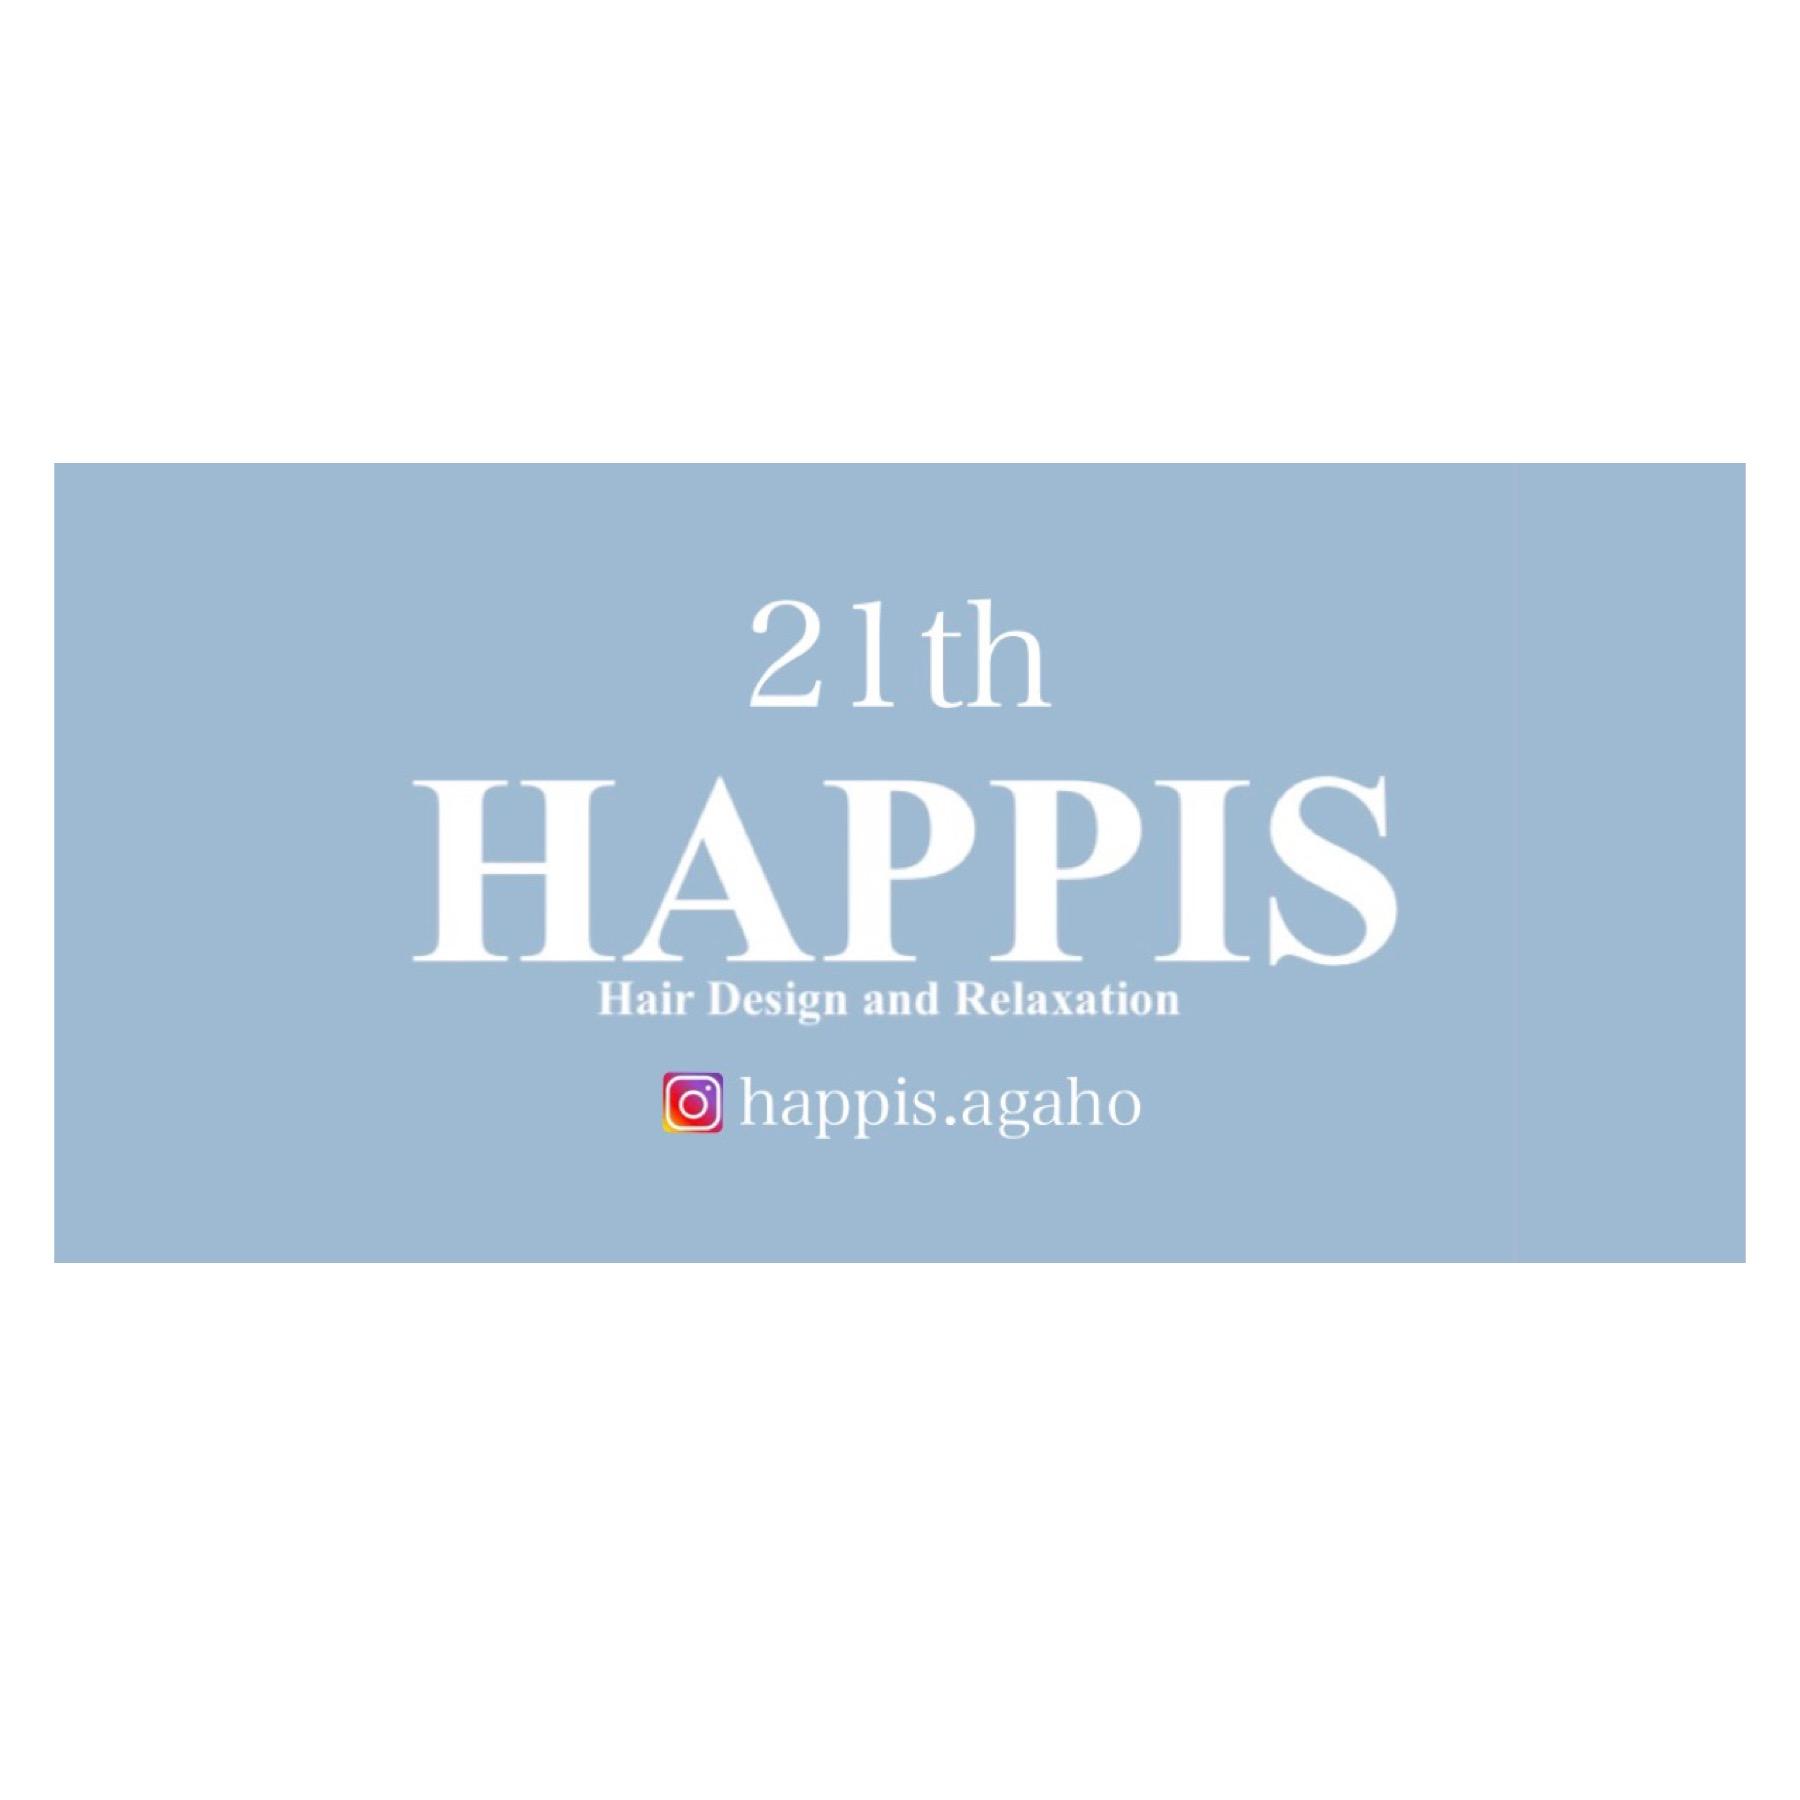 美容室HAPPISの公式インスタグラム